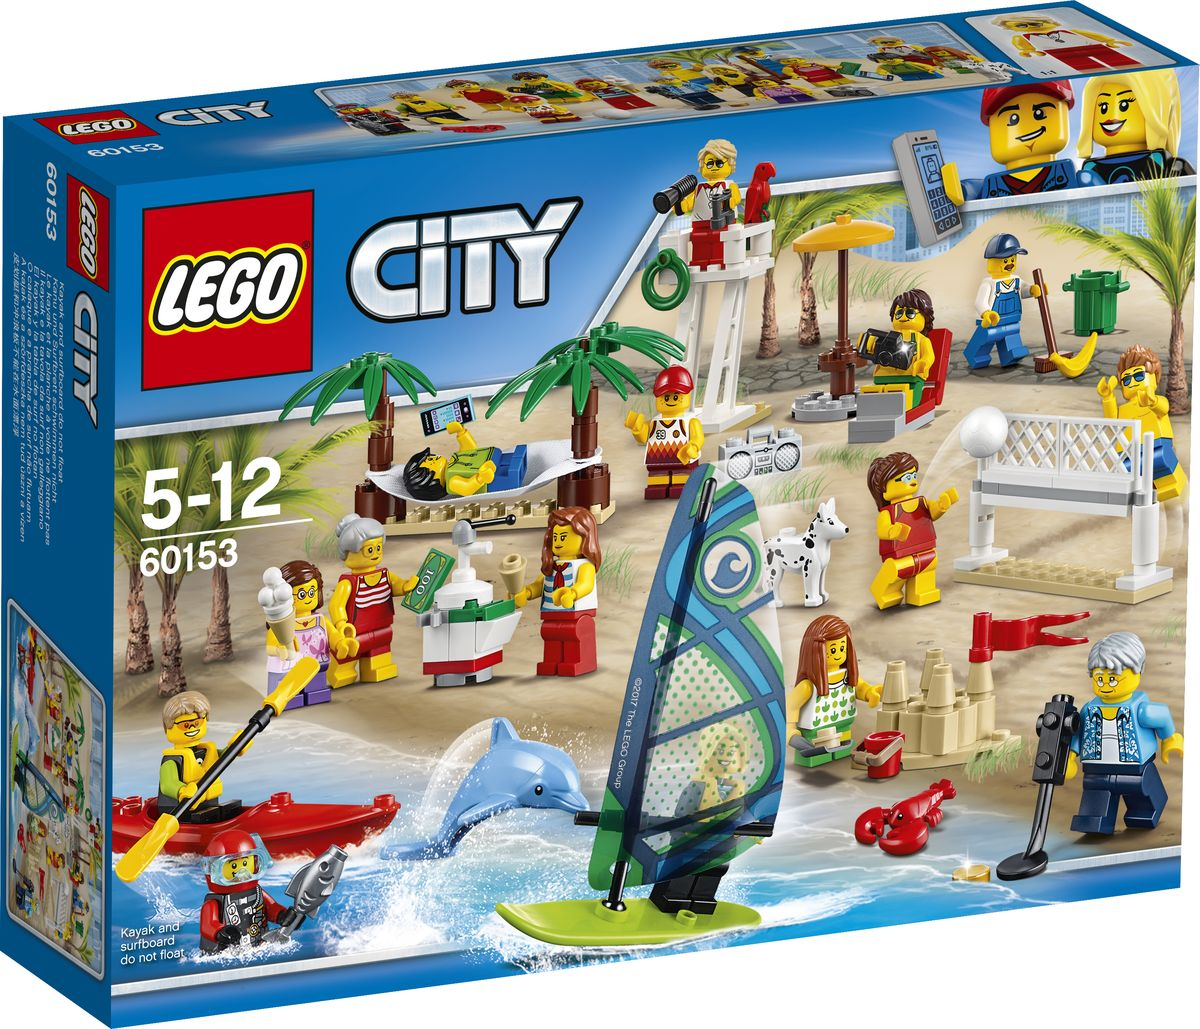 LEGO City Town Конструктор Отдых на пляже Жители LEGO City 60153 lego city 60153 лего город отдых на пляже жители lego city